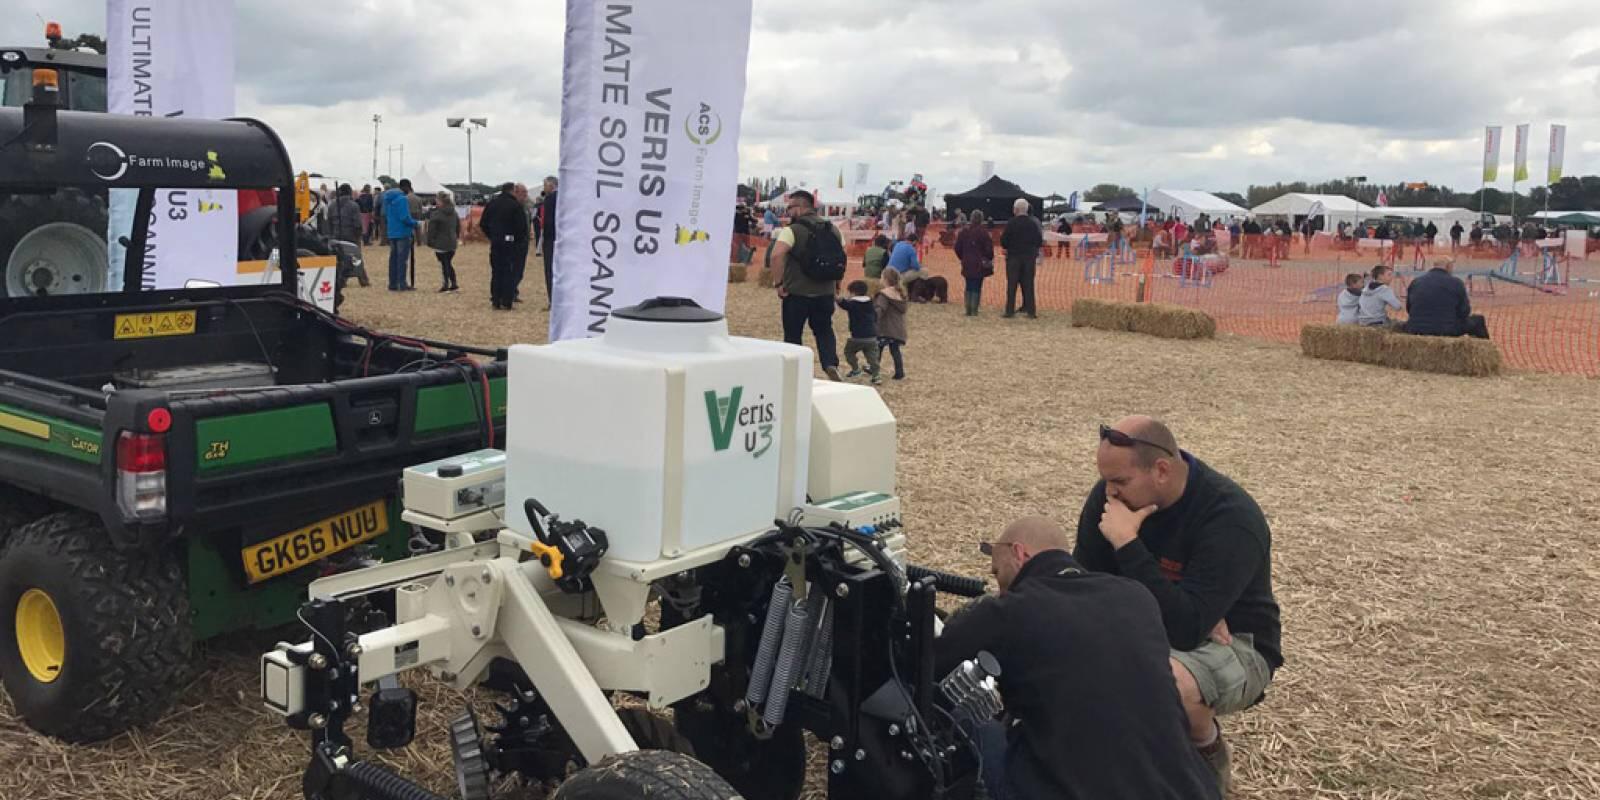 Weald-of-Kent-Ploughing-Match-viewing-equipment.jpg